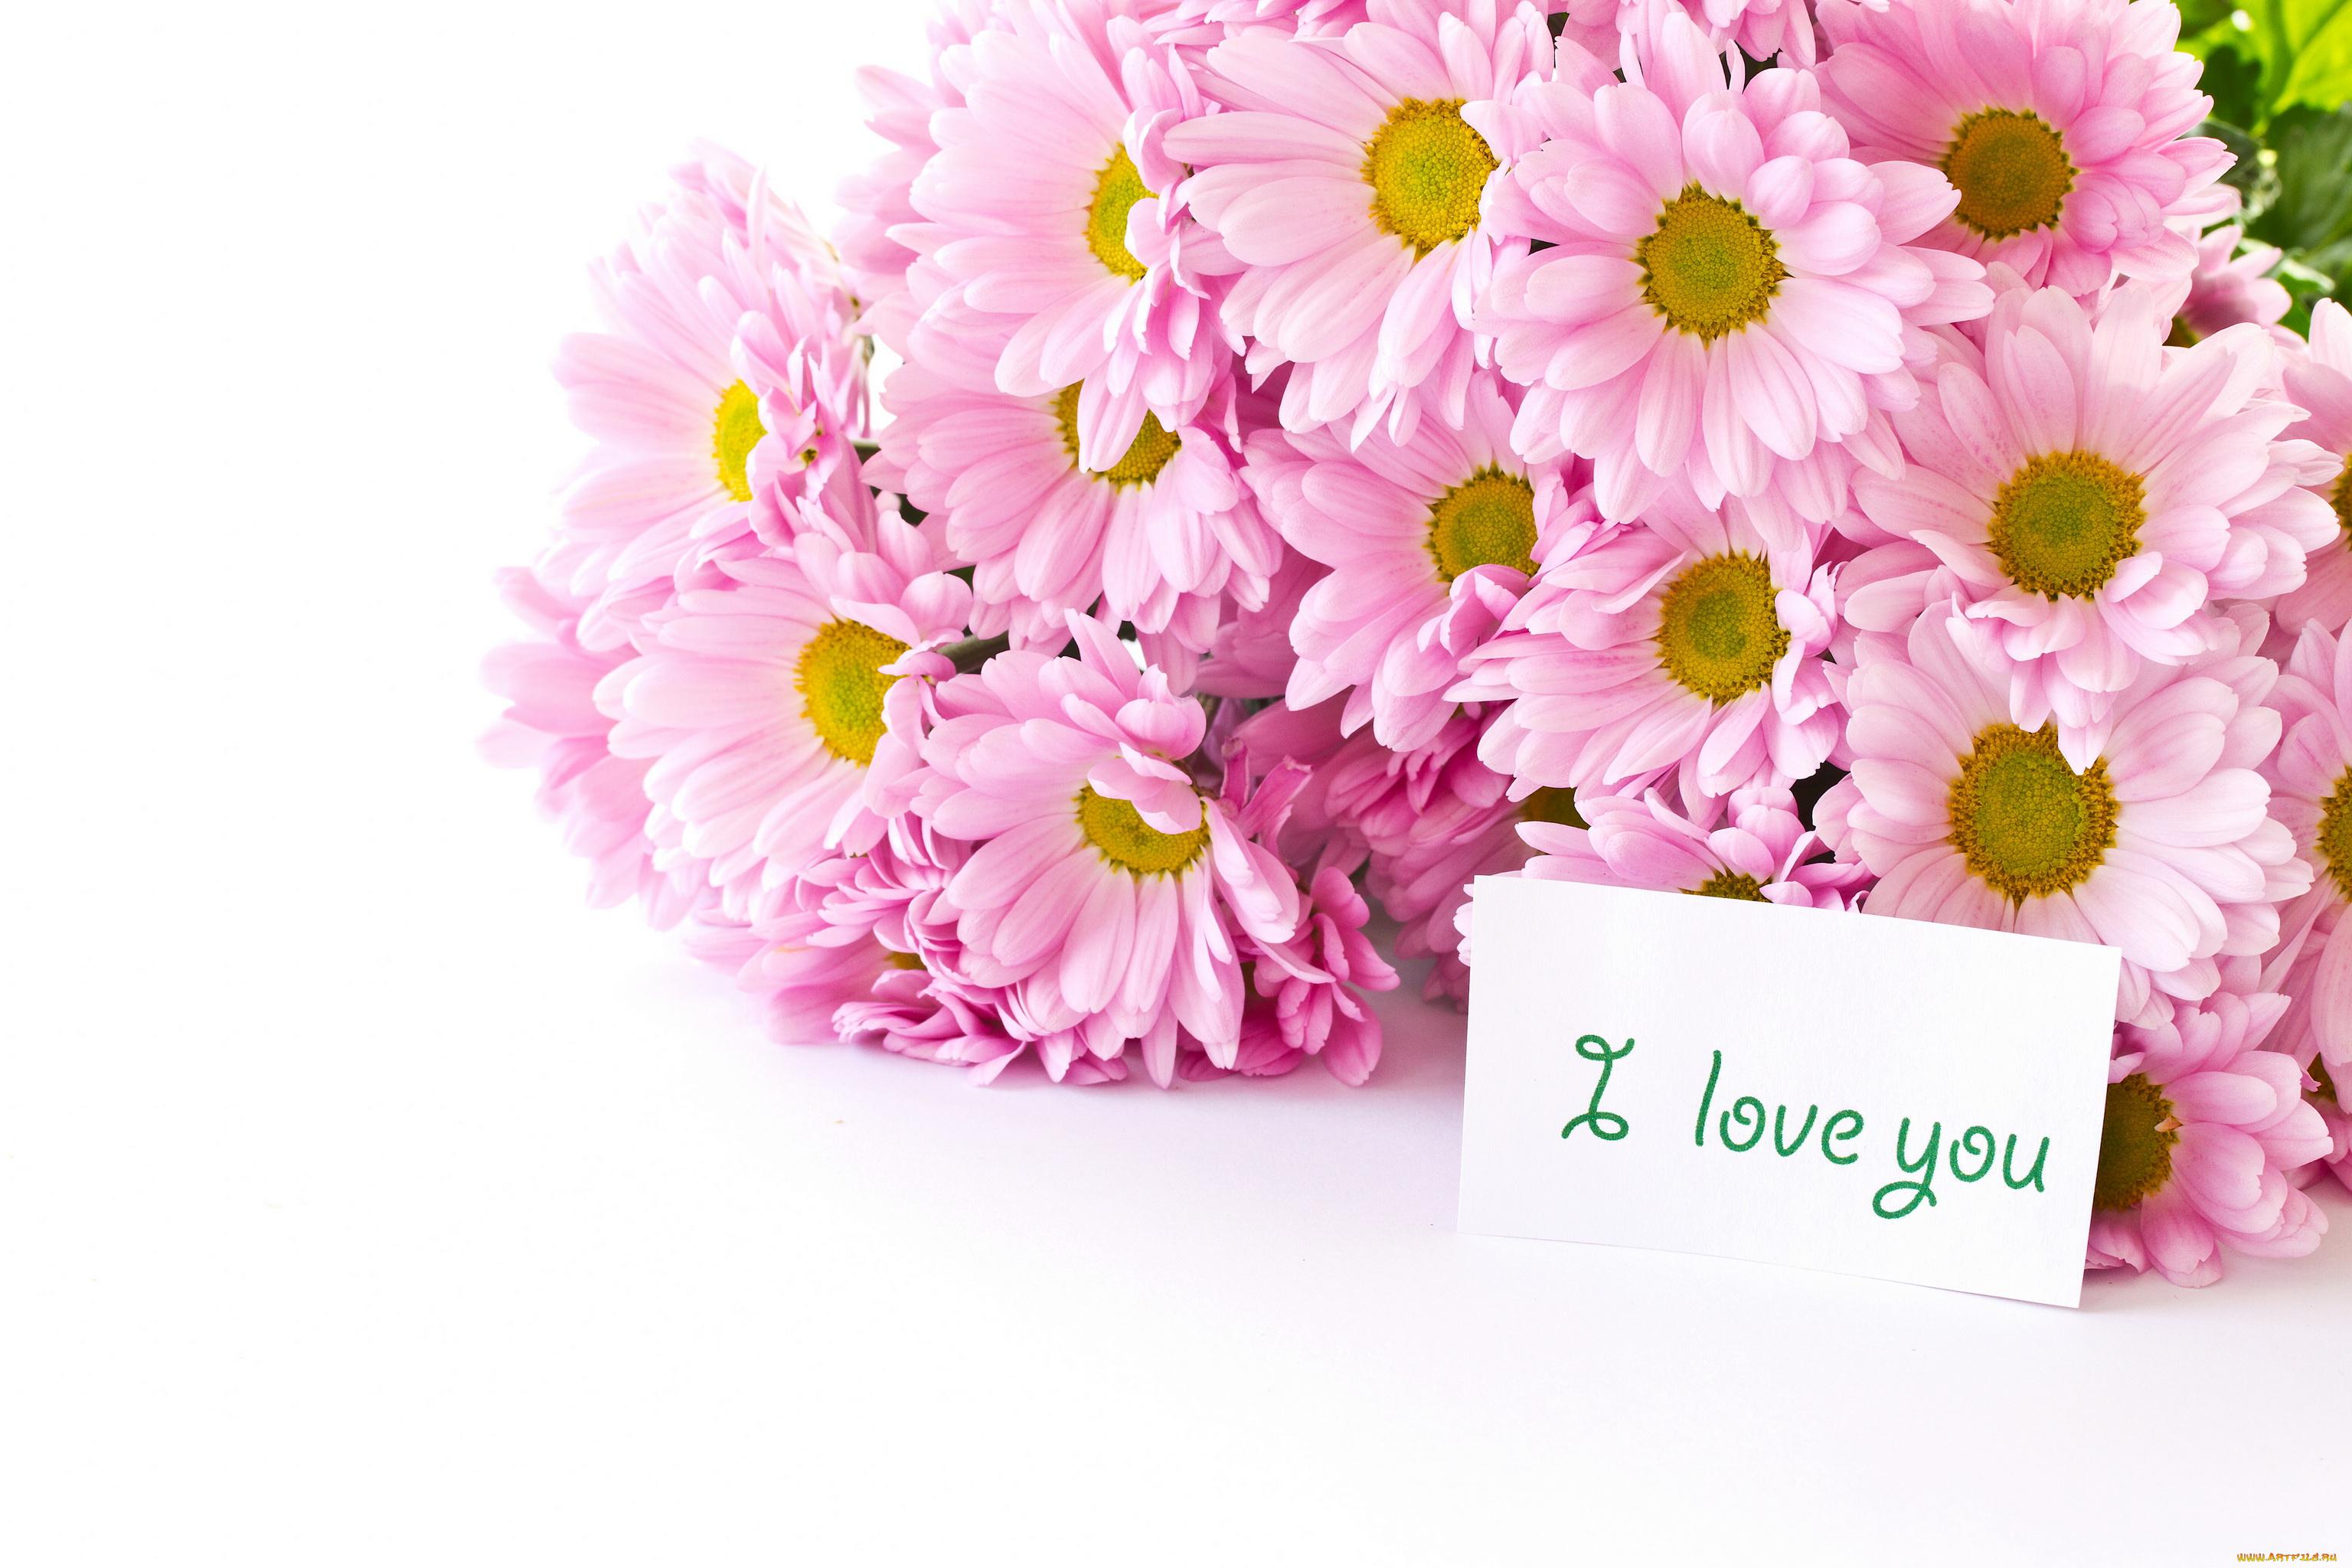 Месяца, с днем рождения картинка хризантемы